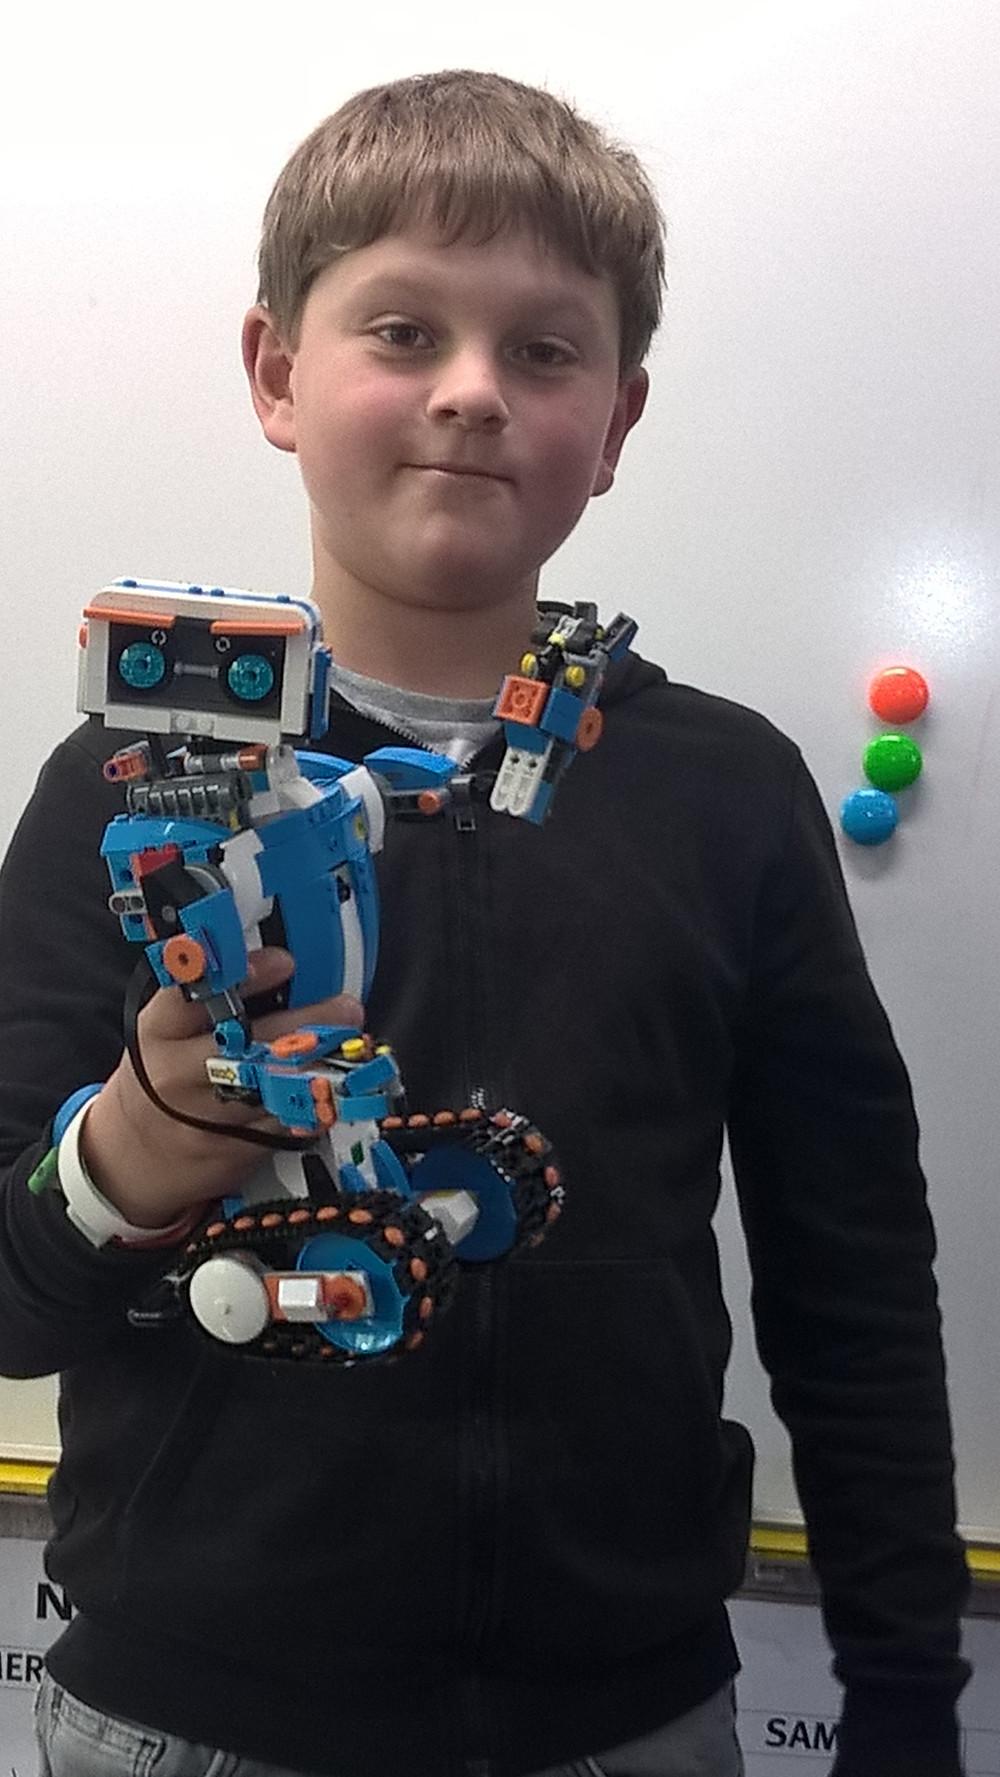 Echange : Comment s'orienter dans l'espace avec un robot